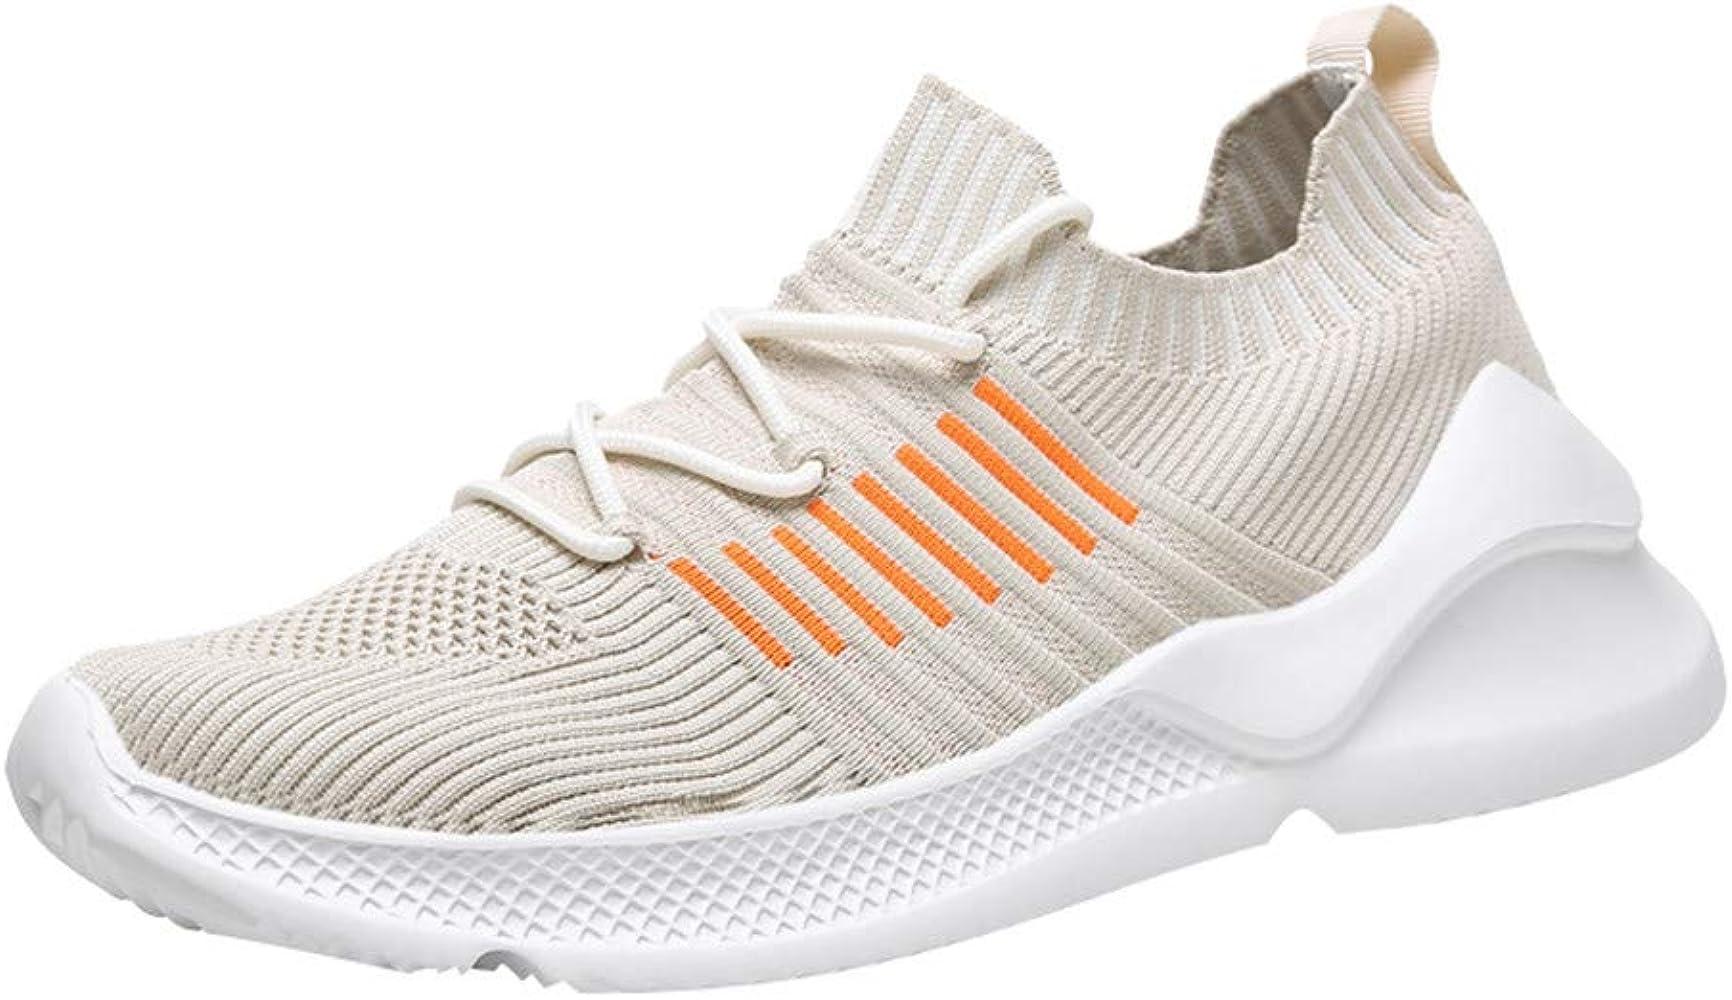 FRAUIT Zapatillas Deporte Hombre Calzado Deportivo para Correr Zapatos Casuales de Verano de los Hombres Zapatillas de Correr Transpirables Zapatos de Escalada Zapatillas de Viaje: Amazon.es: Ropa y accesorios